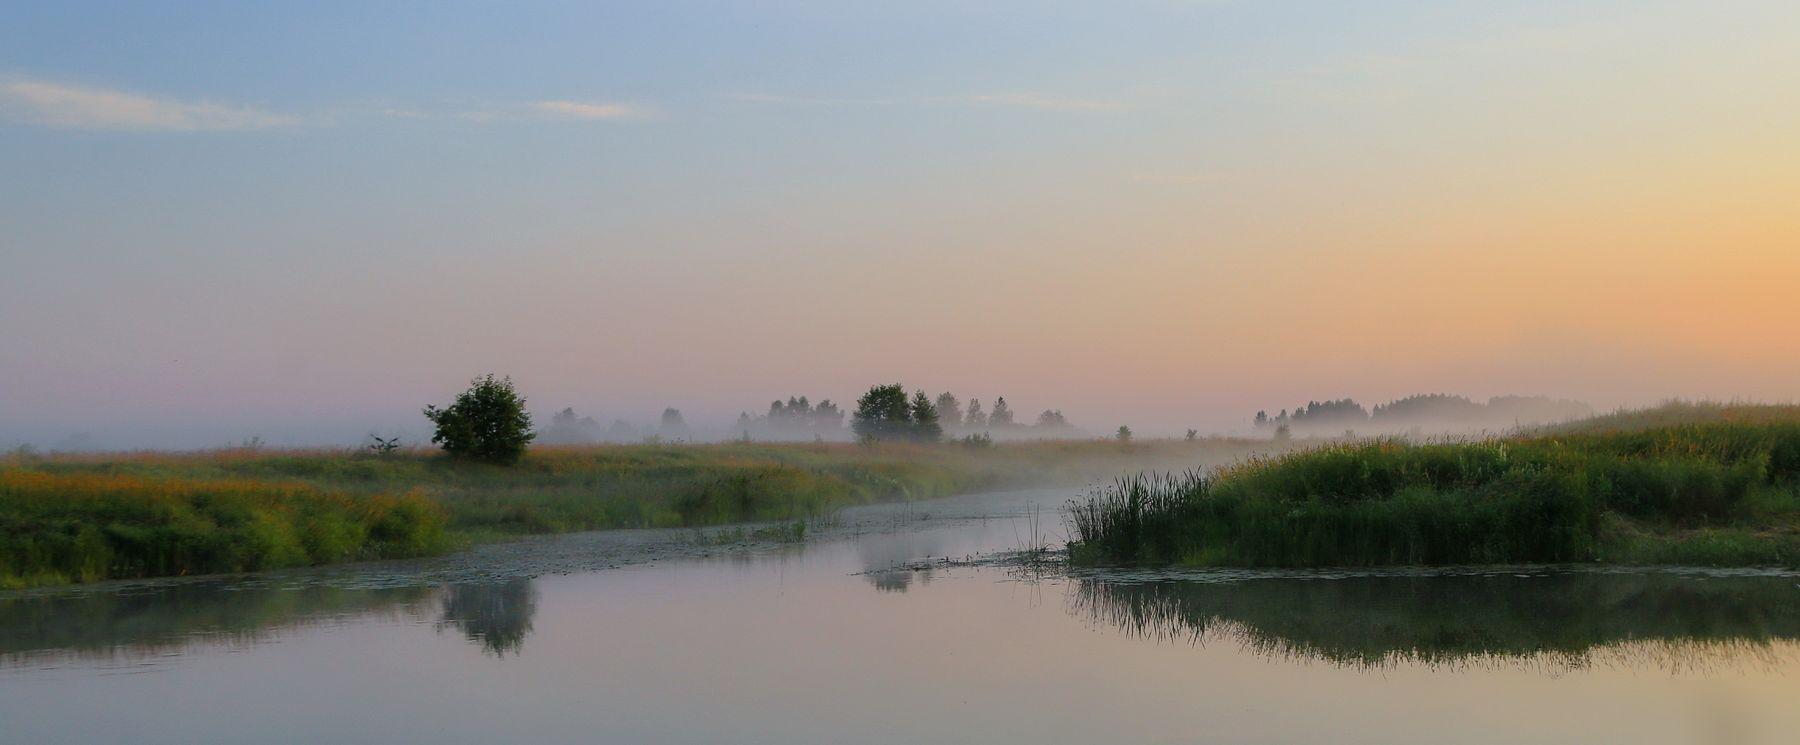 утром рано рано река пейзаж рассвет утро краски